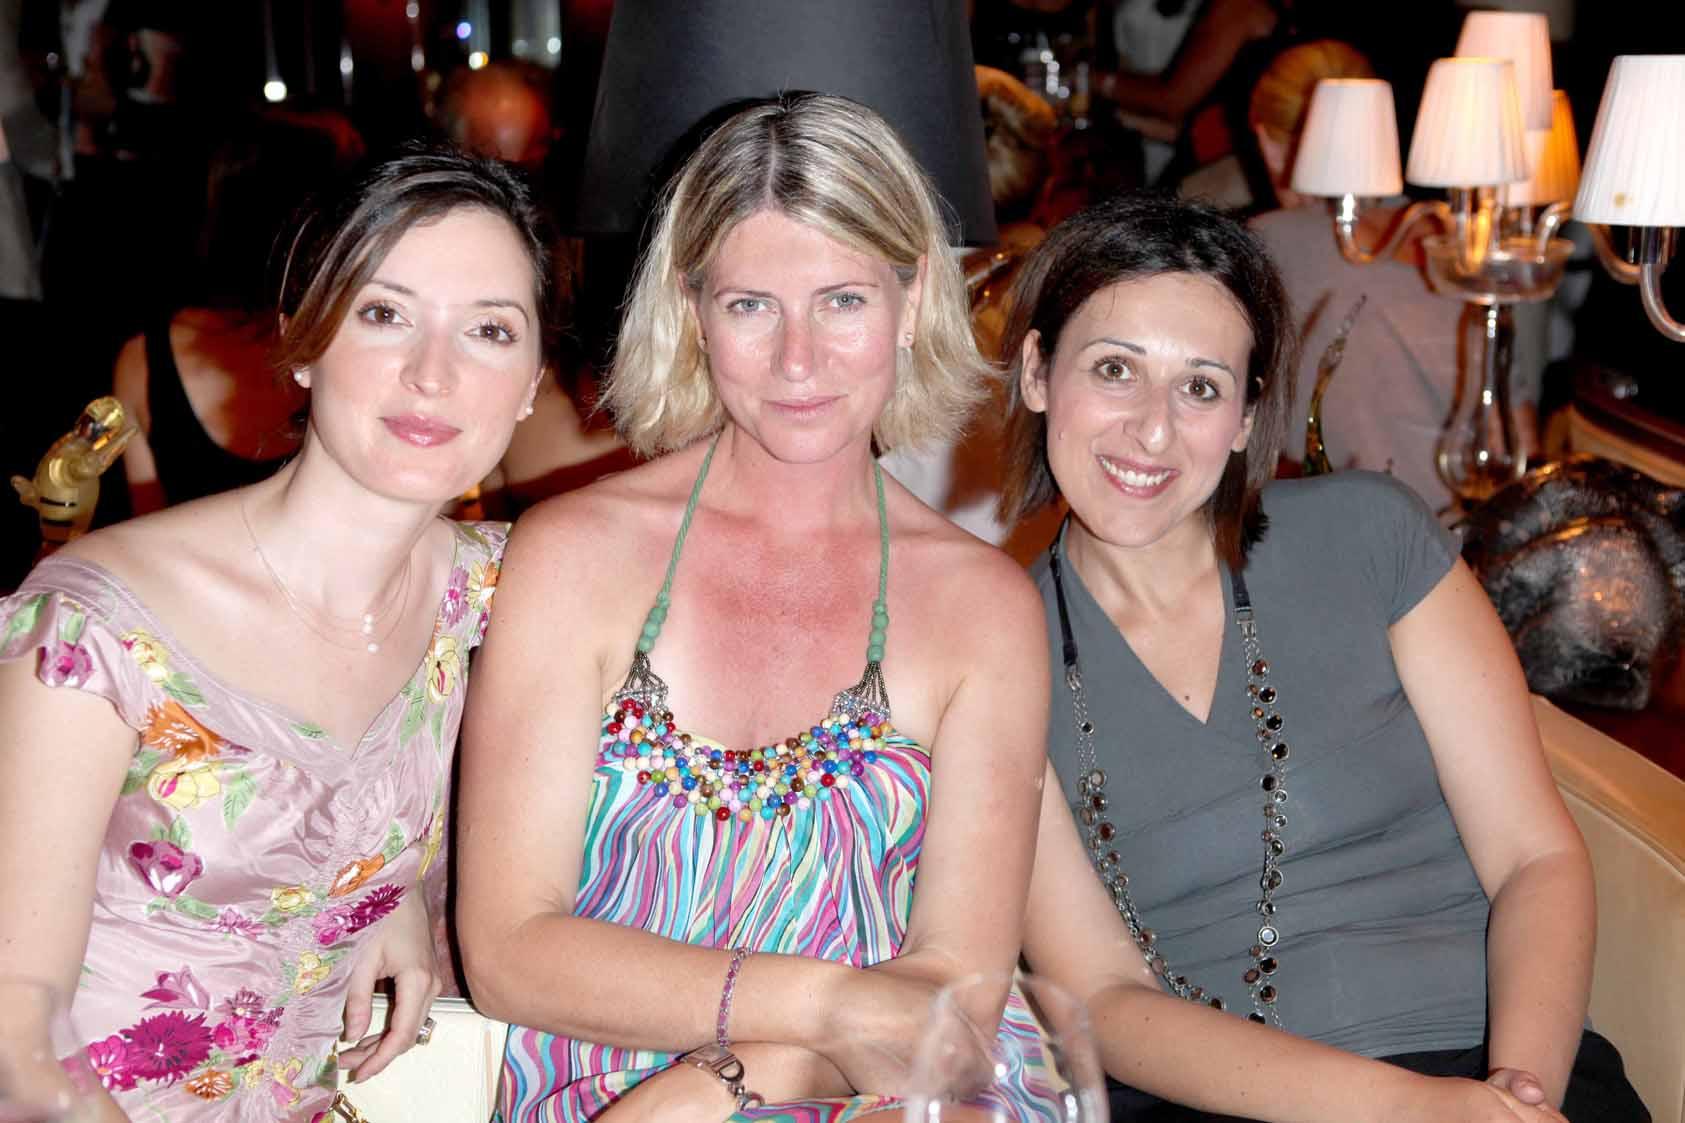 VENEZIA 06-07-2011 PALAZZINA GRASSI. PRESENTAZIONE DELLA RIVISTA VENEZOA MADE IN VENETO. NELLA FOTO:FRANCESCA ROTA,ELENA MAGRO, DANIELA GIUSTO